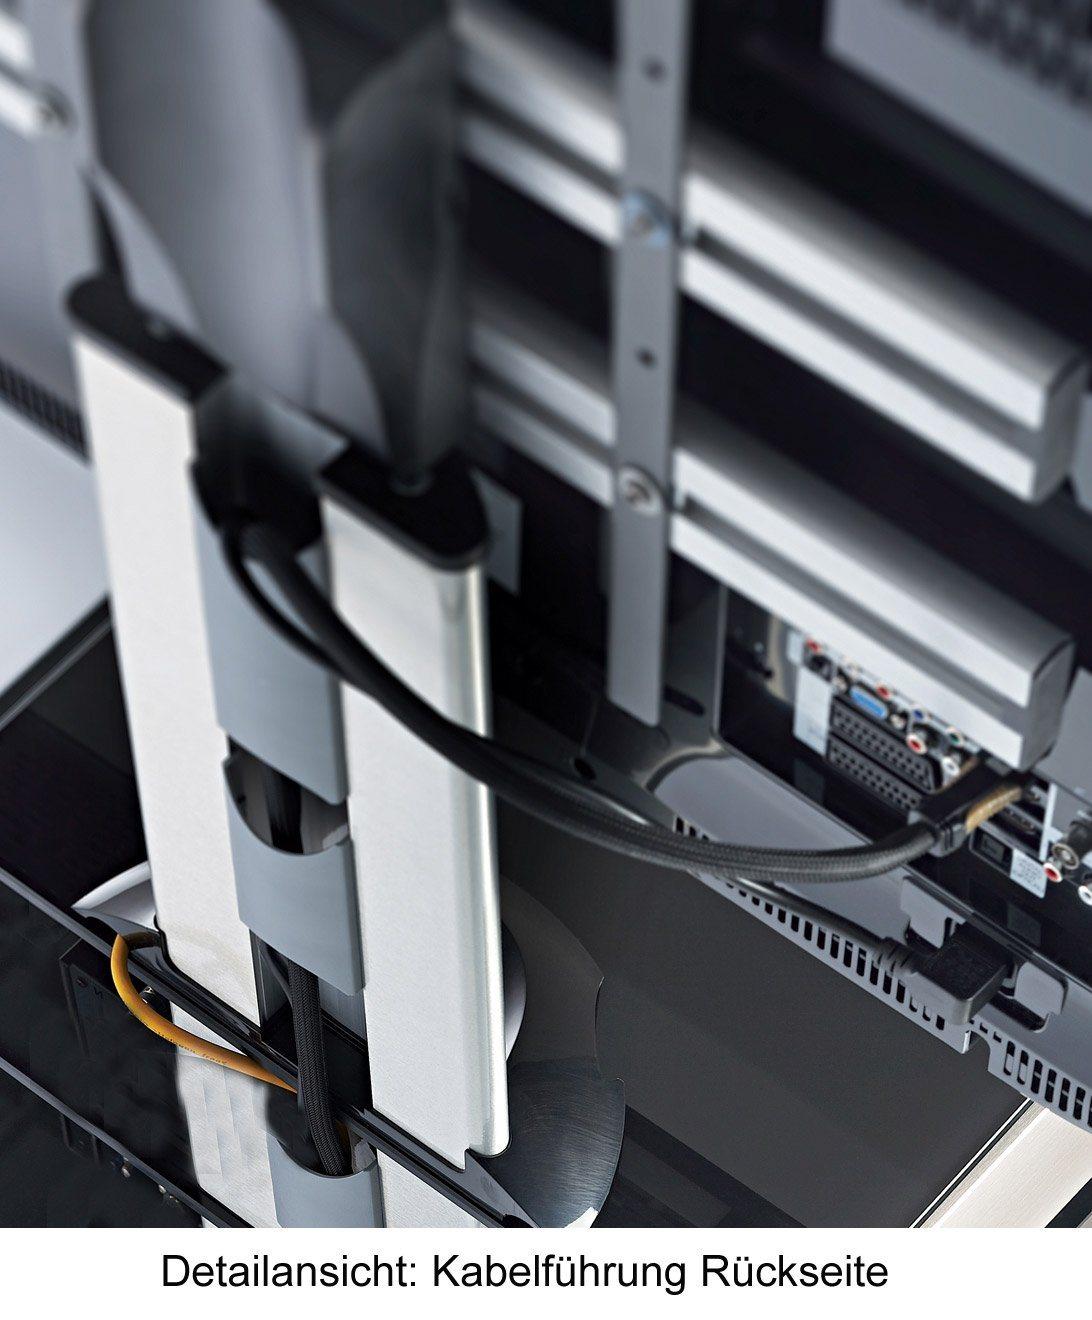 VCM TV-Standfuß ´´Amalo Maxi´´ | Wohnzimmer > TV-HiFi-Möbel > Ständer & Standfüße | Aluminium - Sicherheitsglas - Klarglas - Schwarzglas | VCM